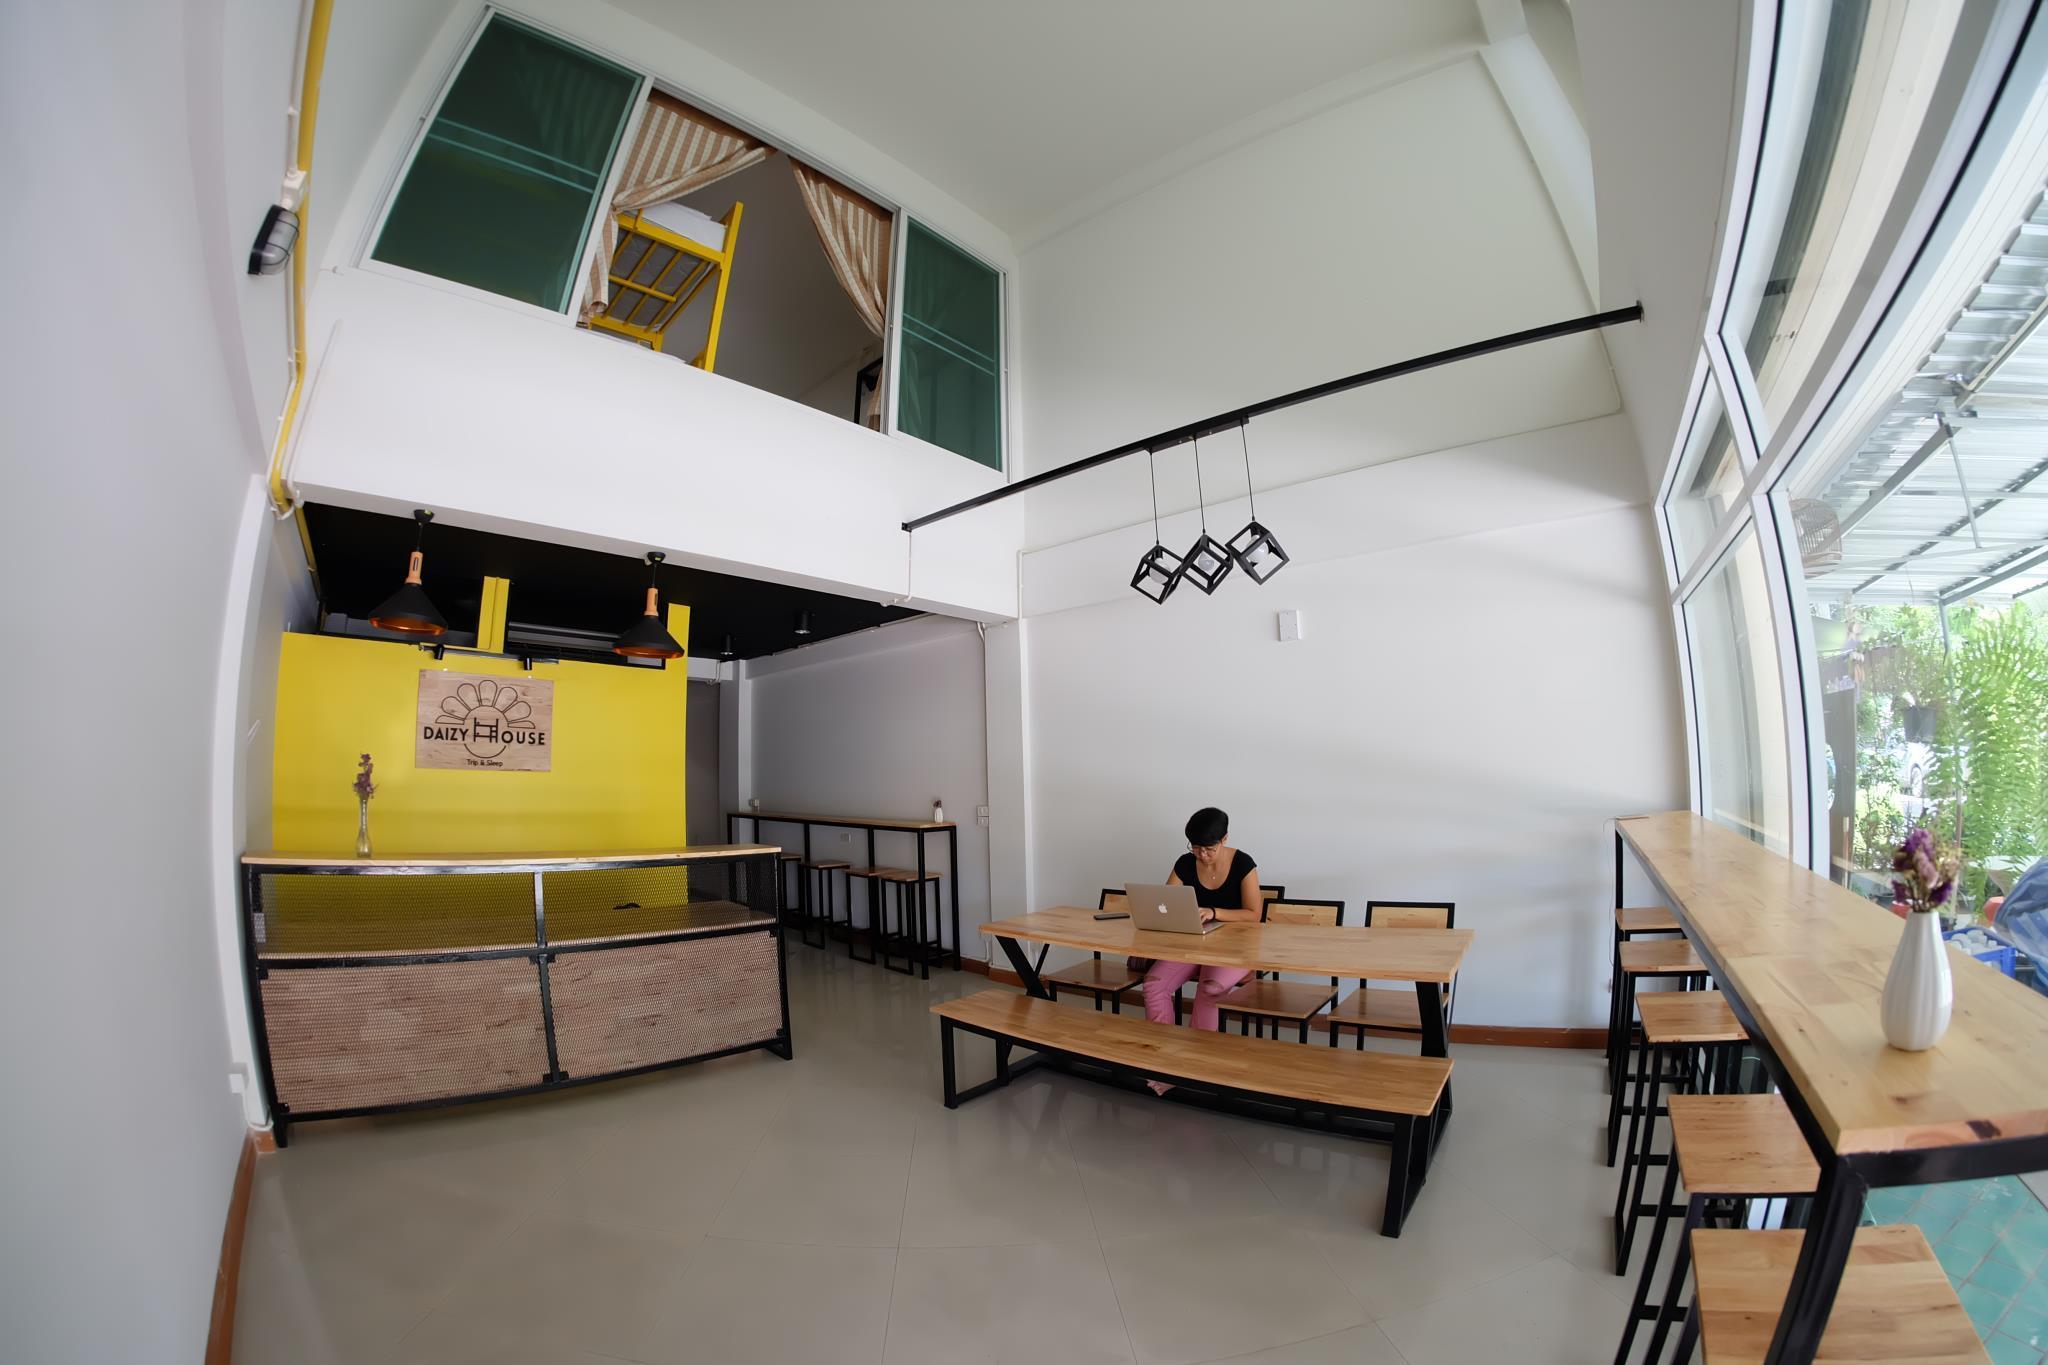 雏菊旅馆,Daizy House